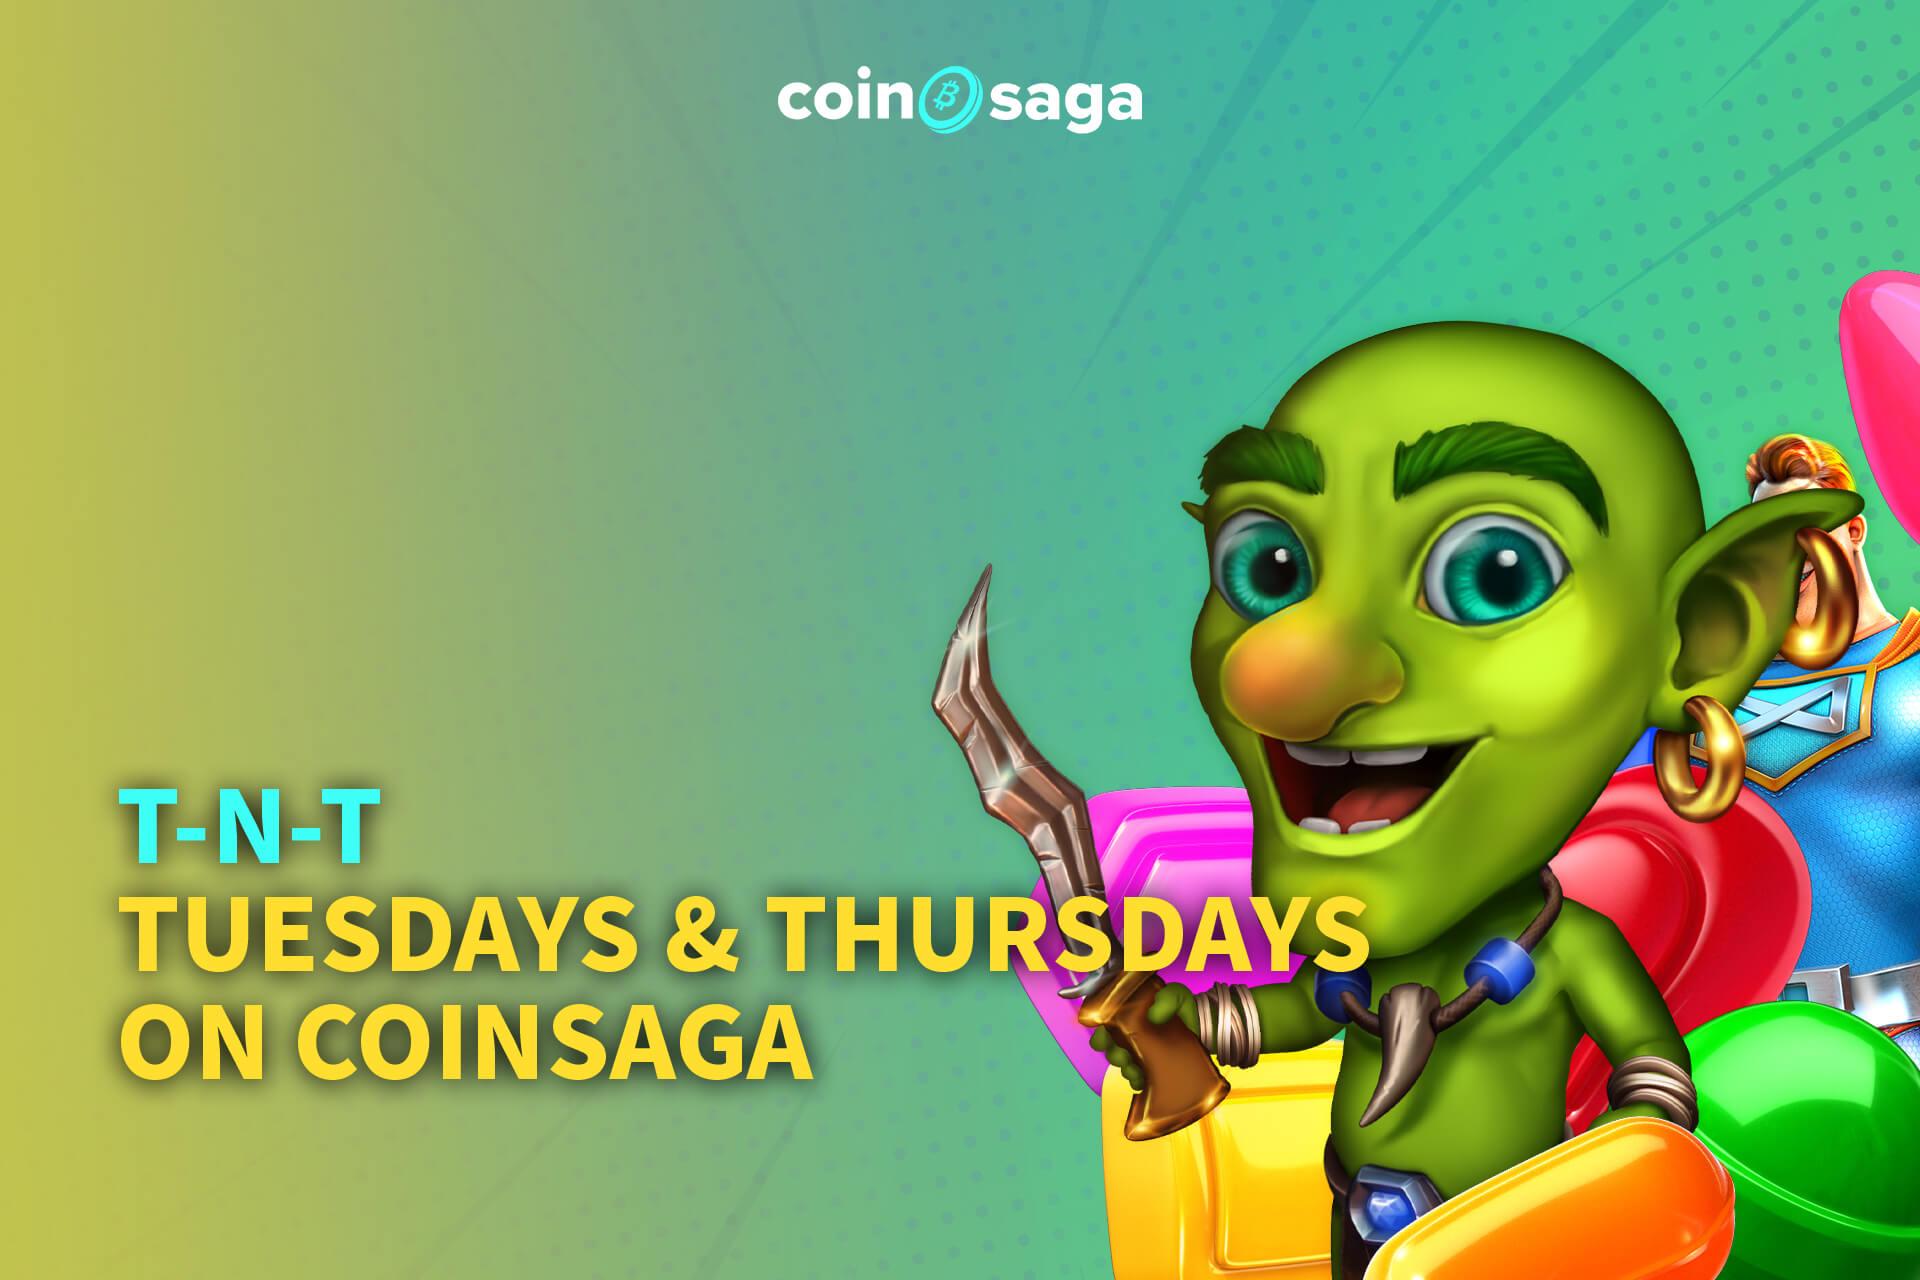 CoinSaga Bitcoin Casino Promotions